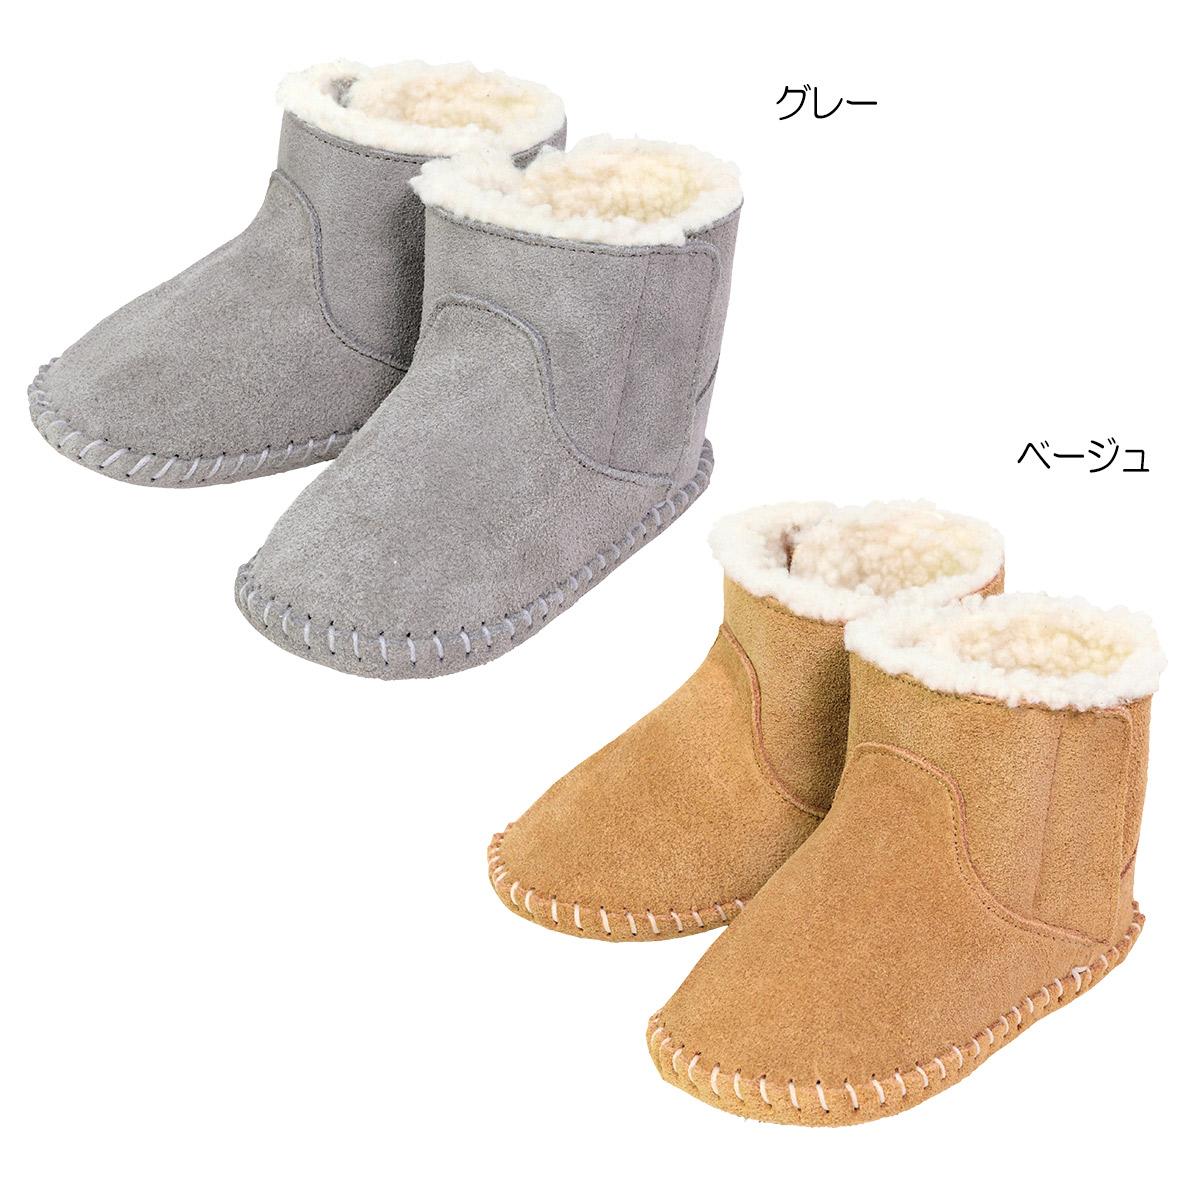 ミキハウス mikihouse 本牛革ブーツのプレシューズ(11cm-12.5cm) バーゲン